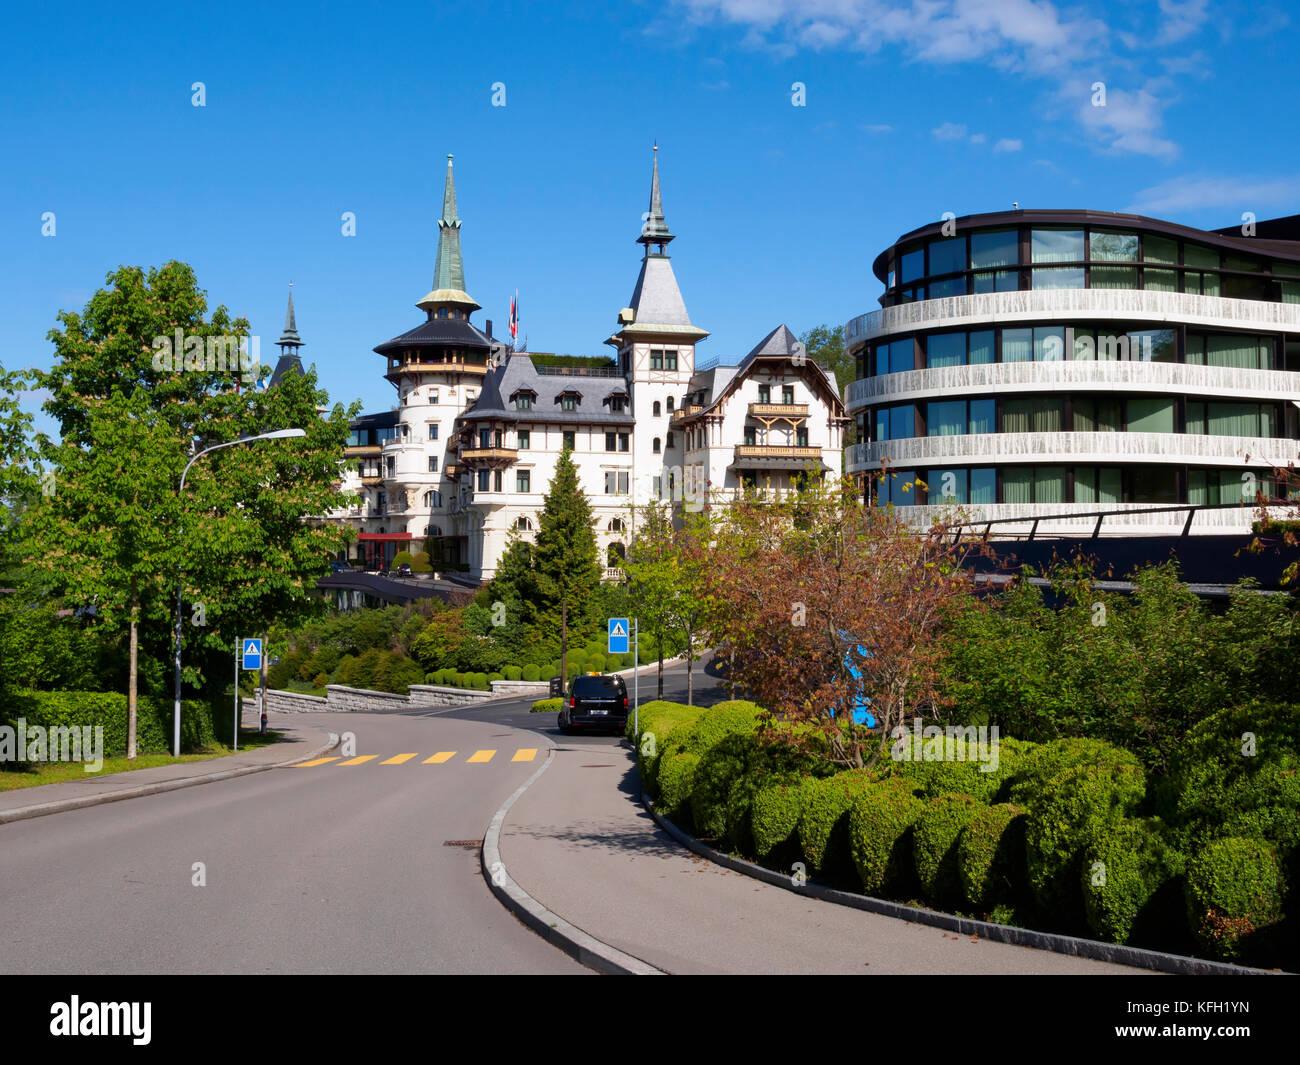 The Dolder Grand Hotel Switzerland